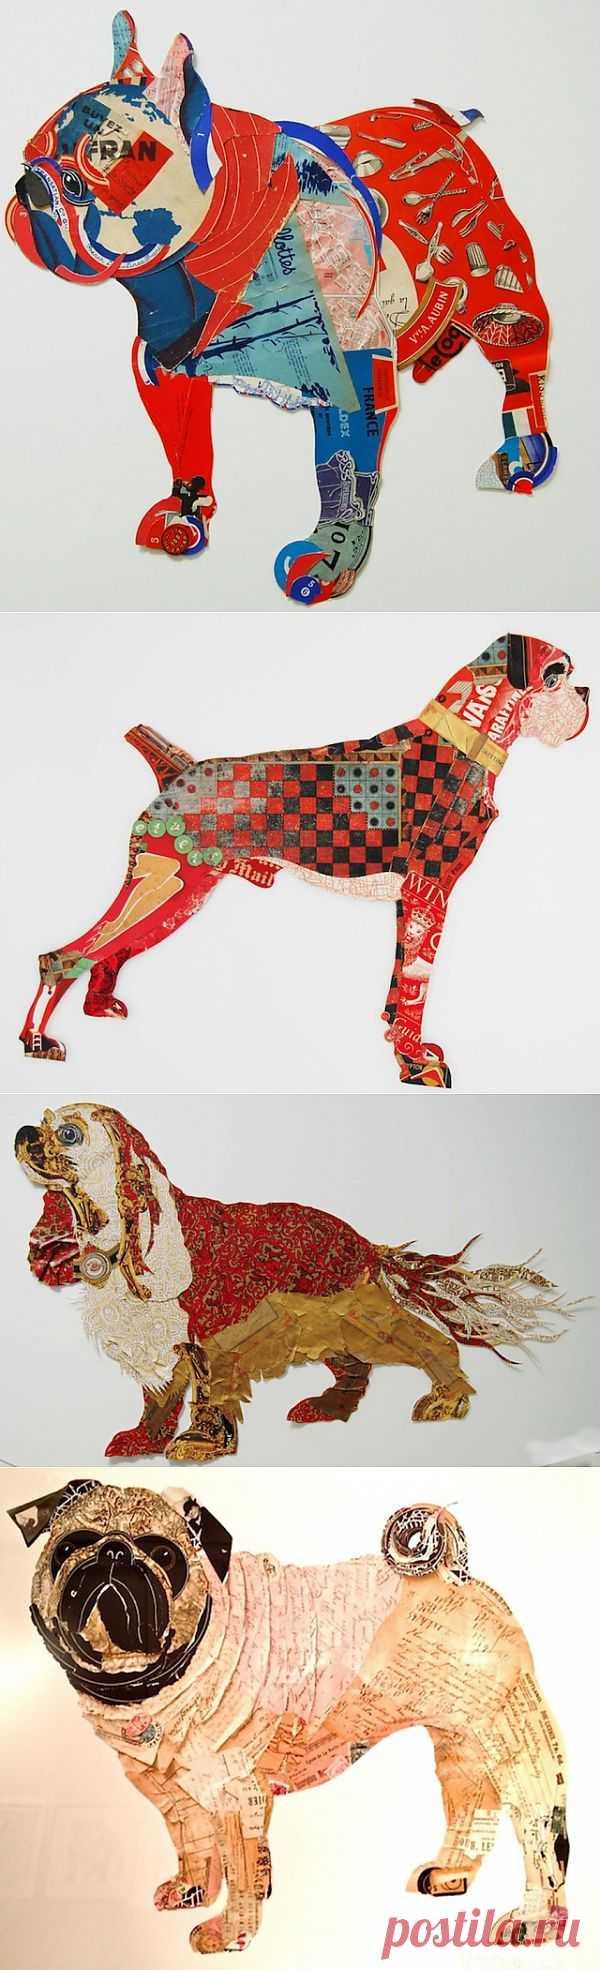 Собашки из бумажки / Арт-объекты / Модный сайт о стильной переделке одежды и интерьера